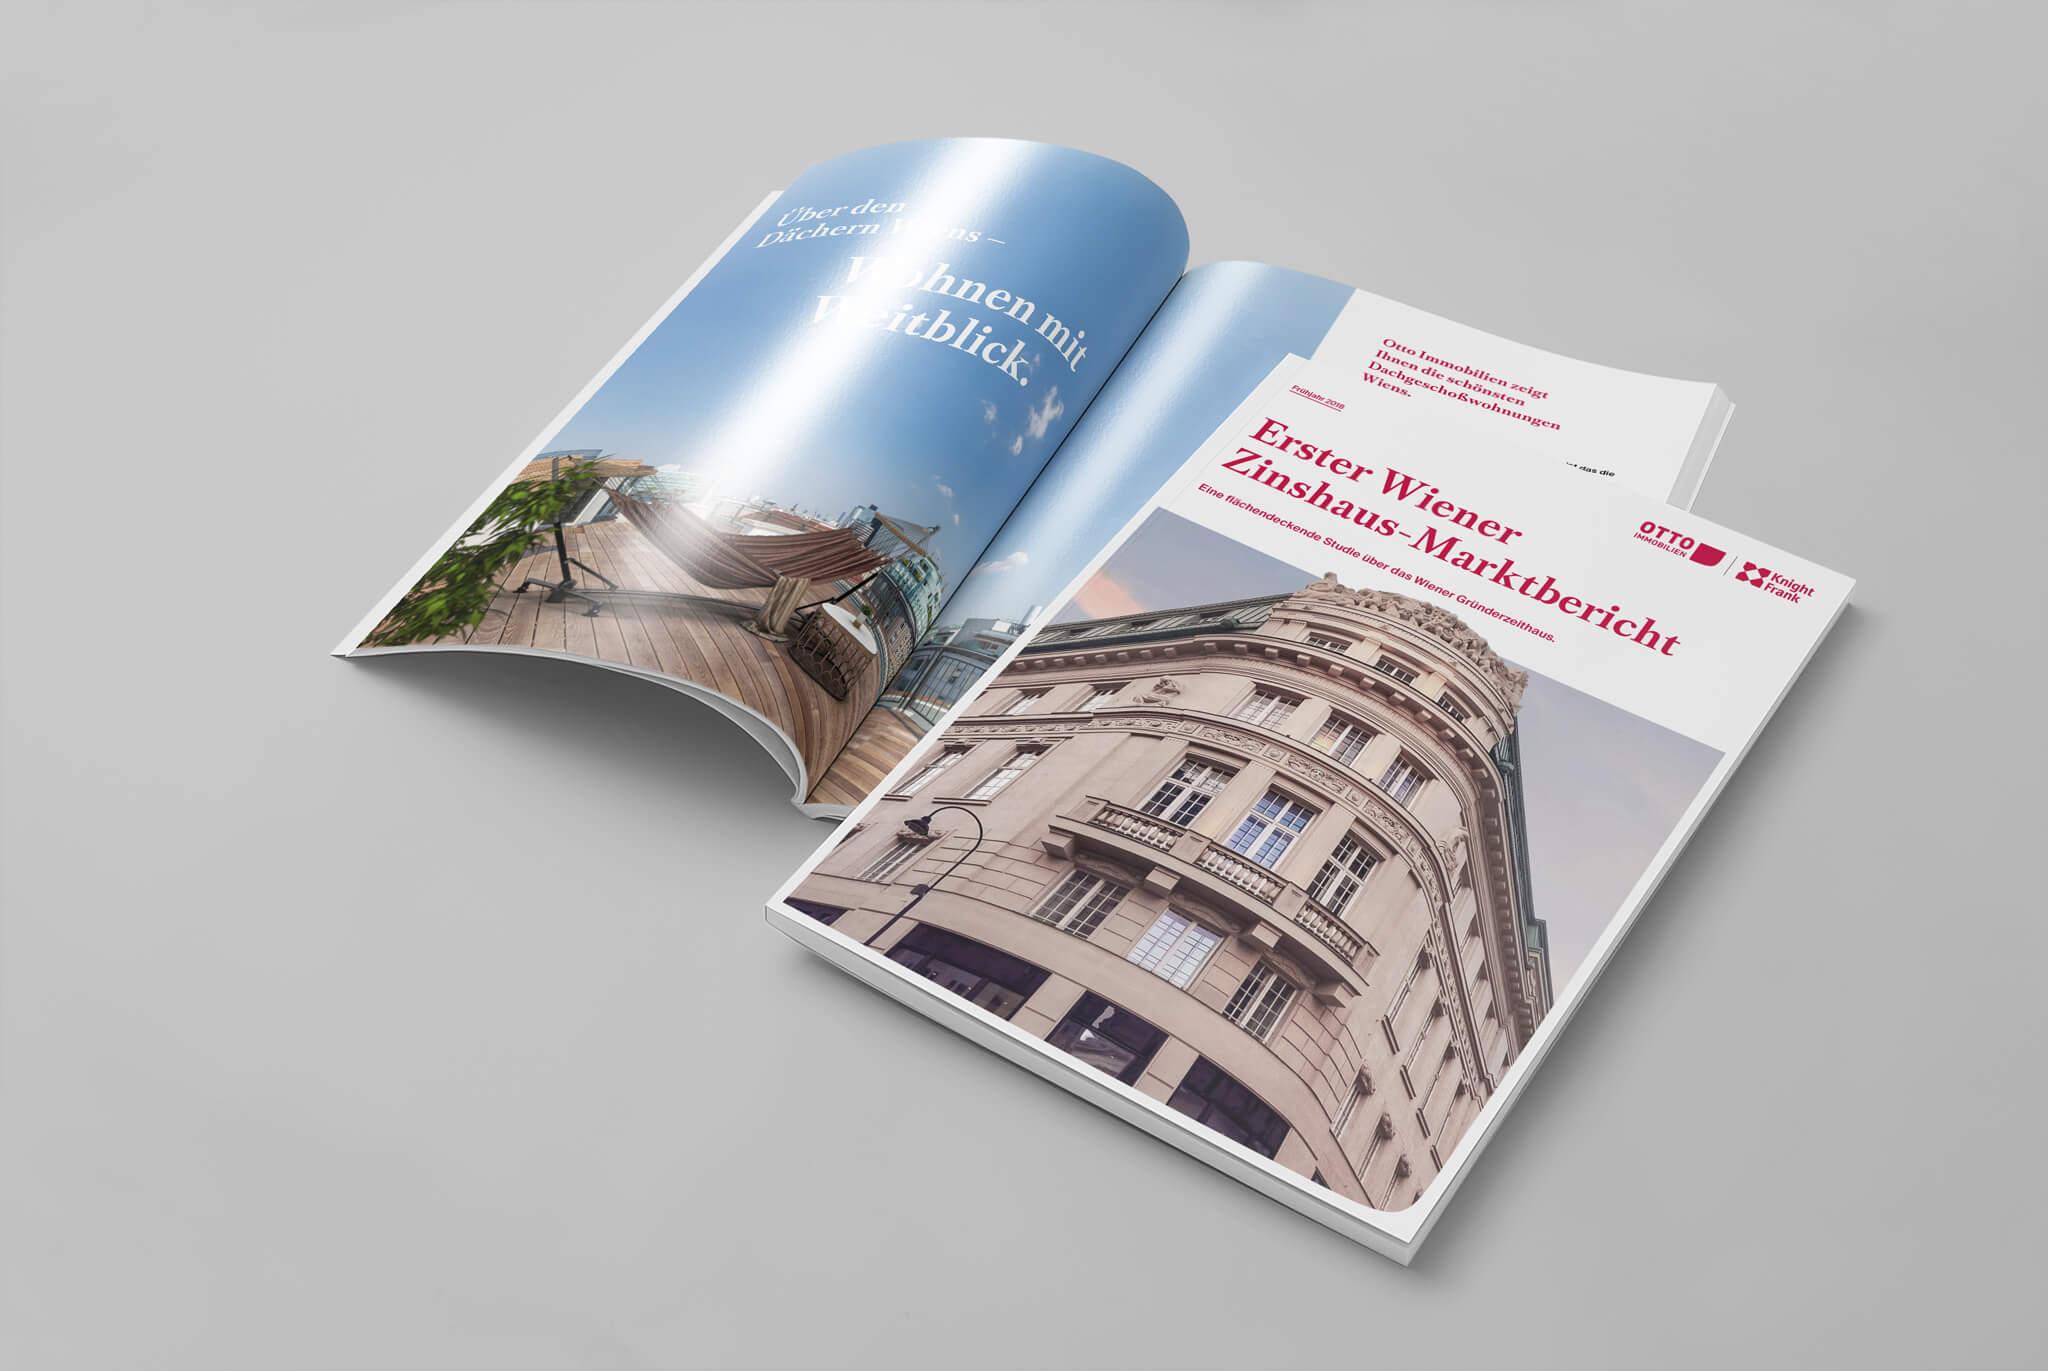 Otto Immobilien Marktbericht Cover und Innenseite